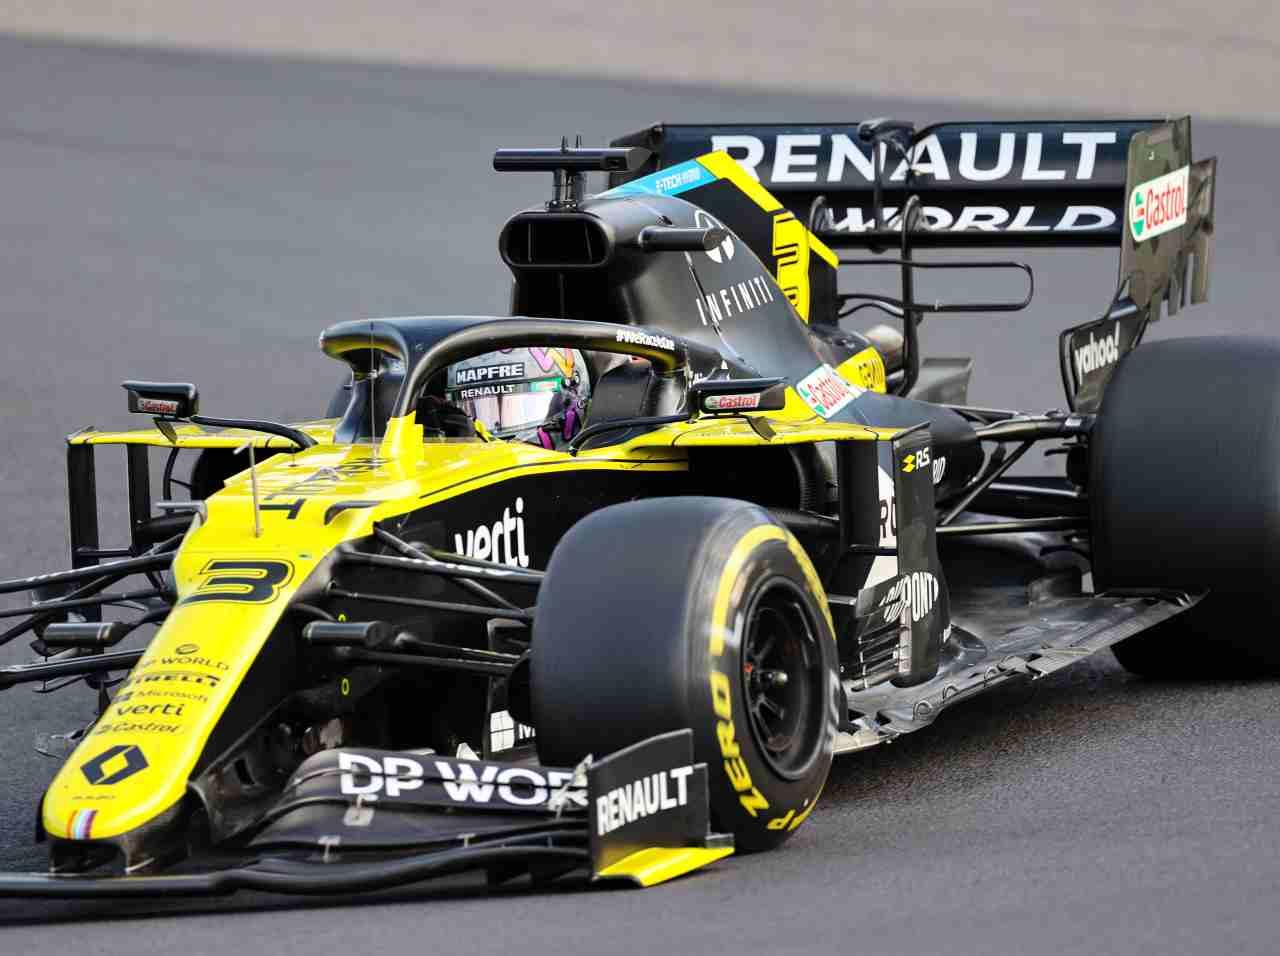 F1, GP Portimao al debutto, Ricciardo presenta il circuito - Video